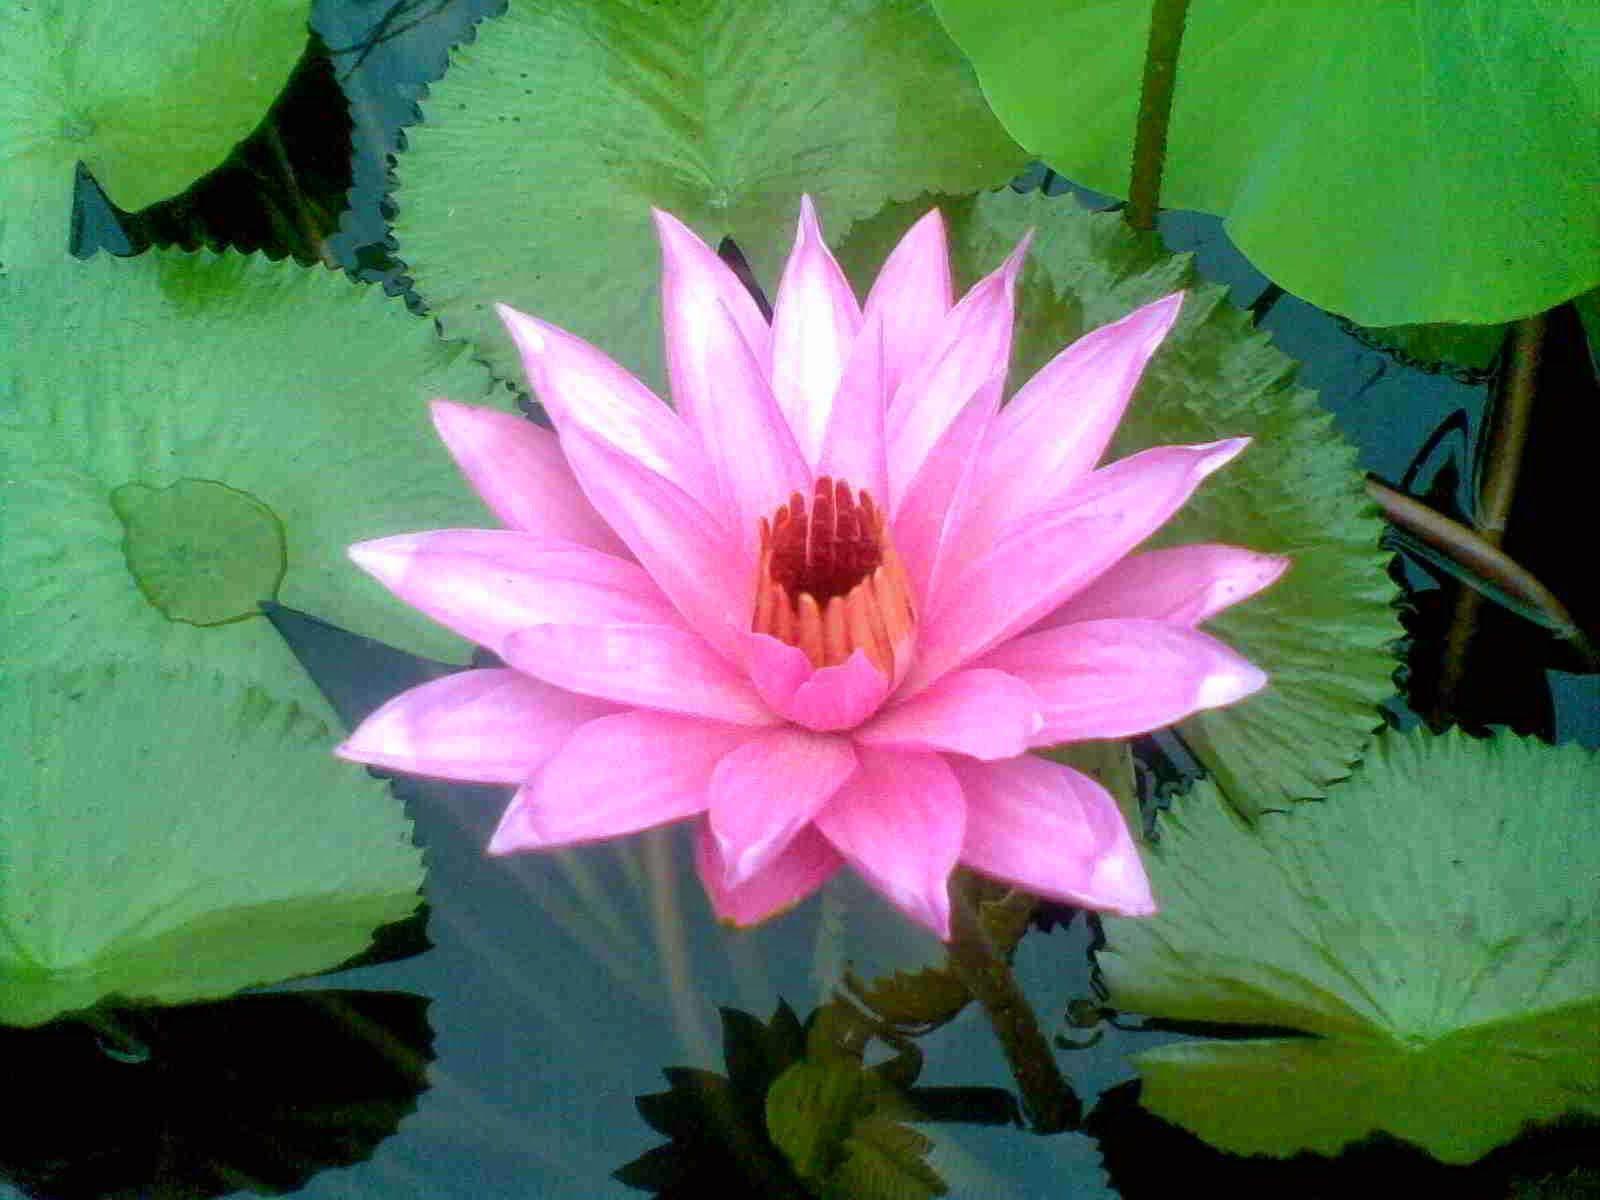 Bunga Teratai Lotus Flower Manfaat Bunga Untuk Kesehatan Flowers Plants Dan Garden